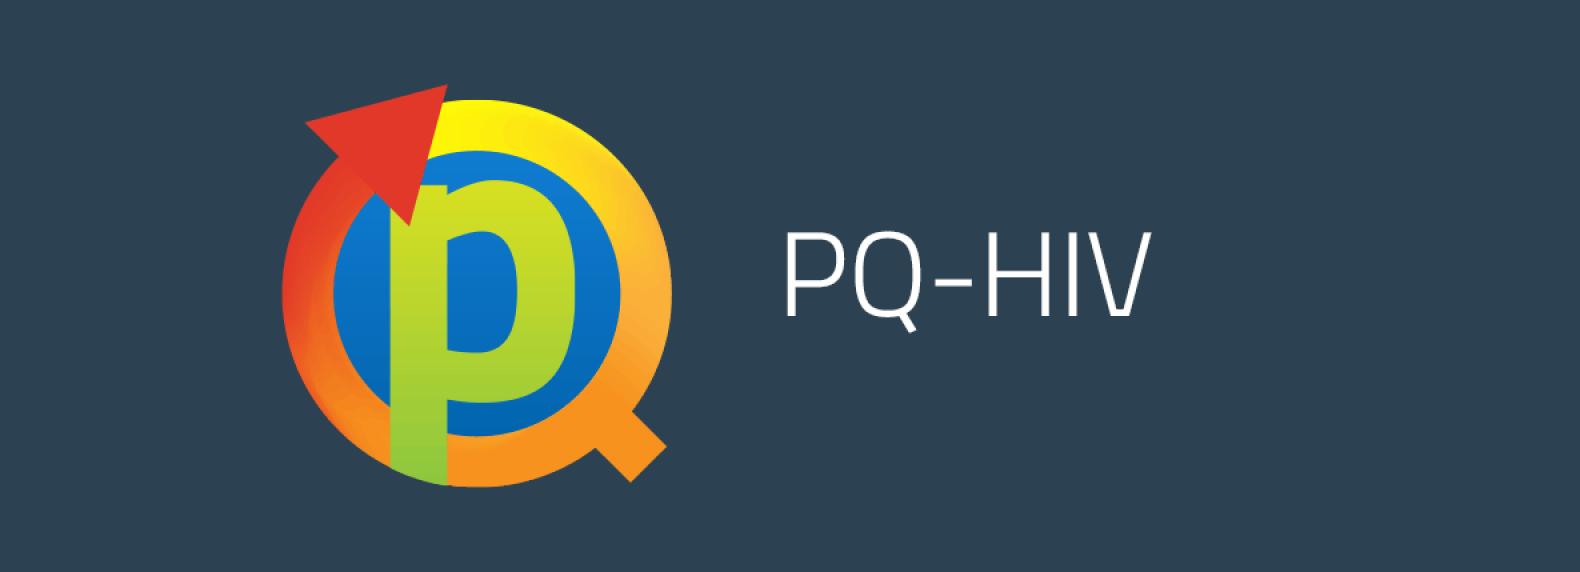 Logo Wbseite pq-hiv